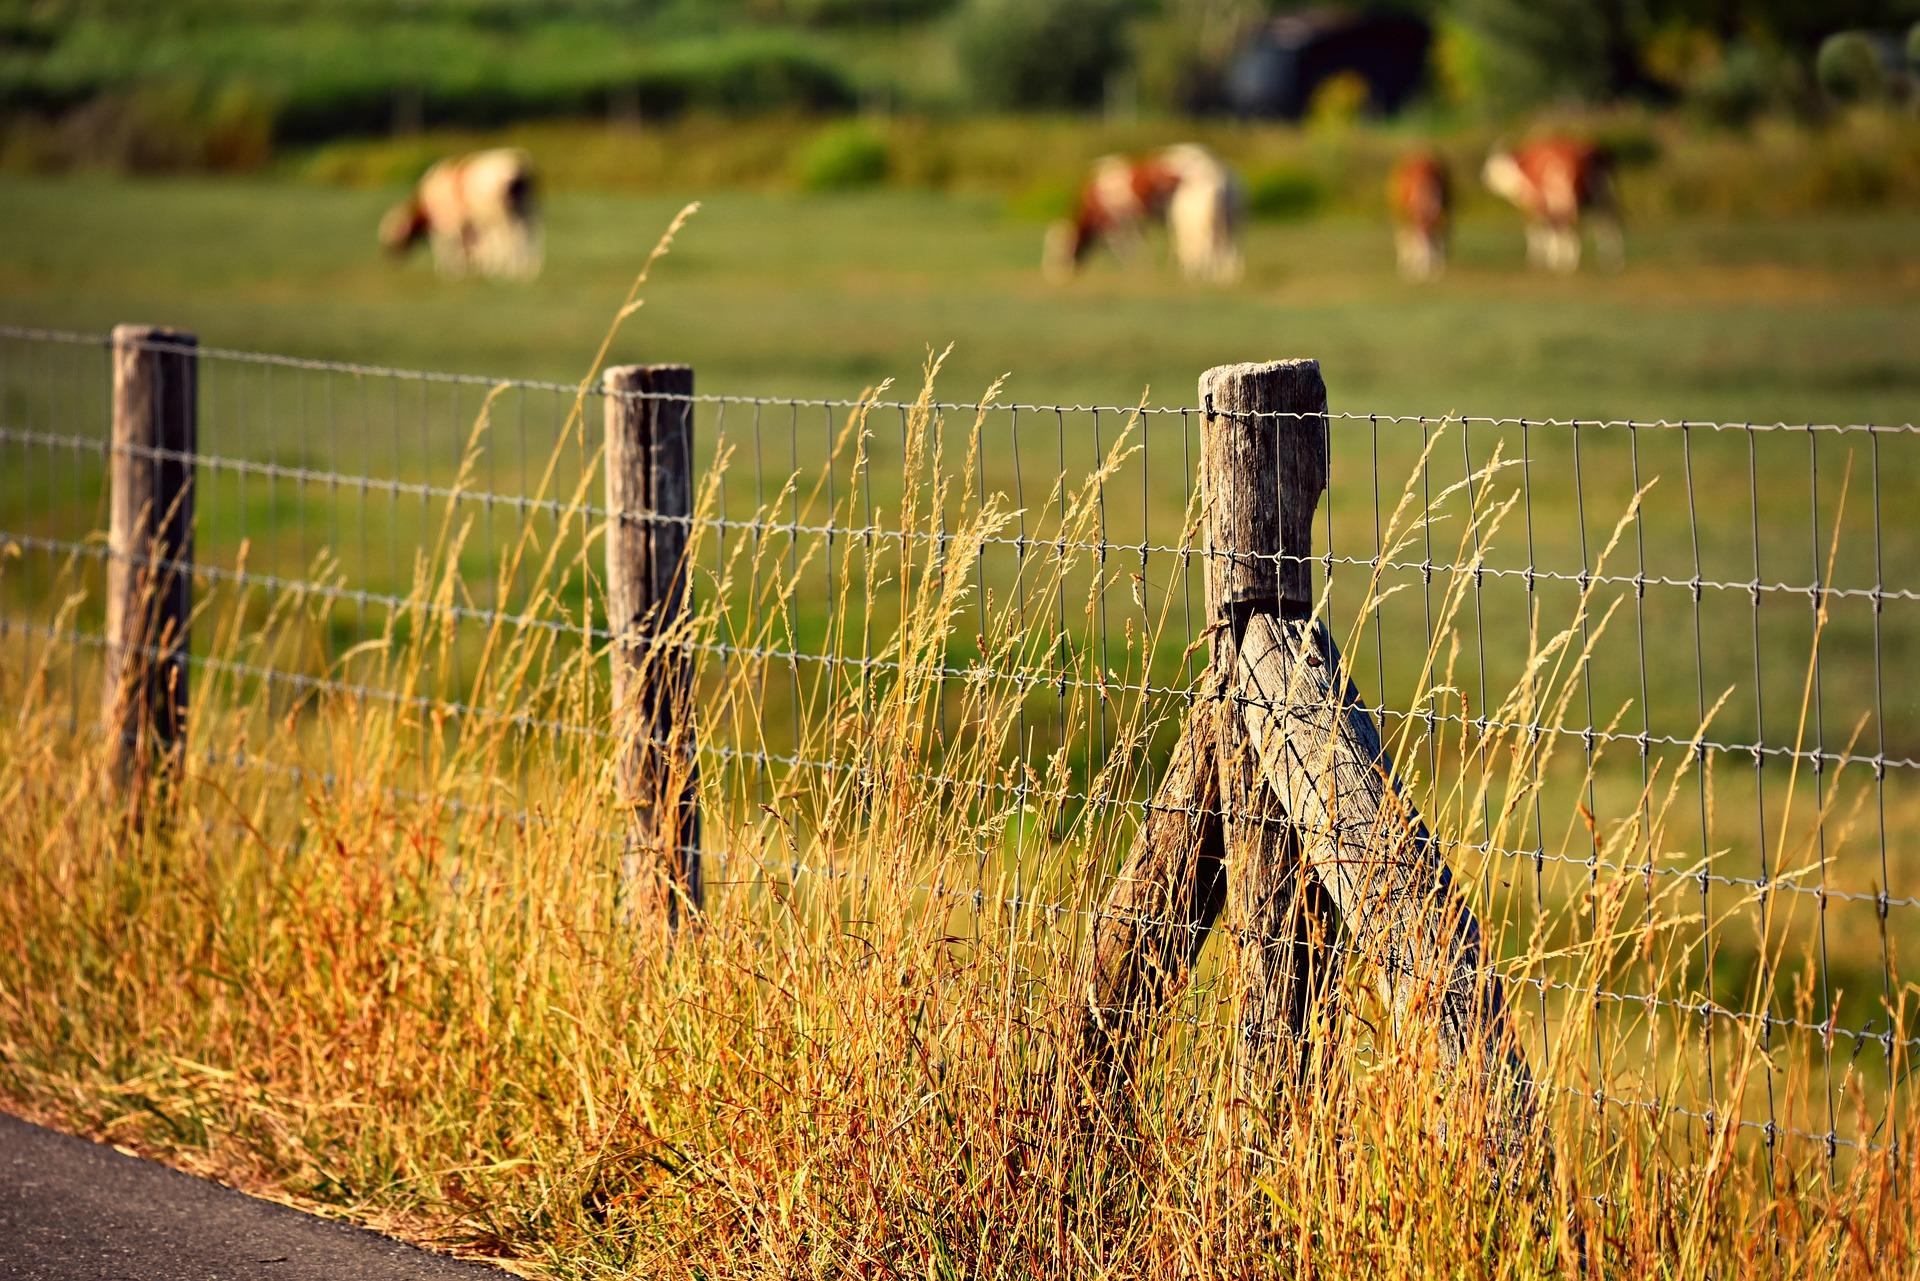 Imagem mostra uma cerca de arame farpado com gado pastando ao fundo.